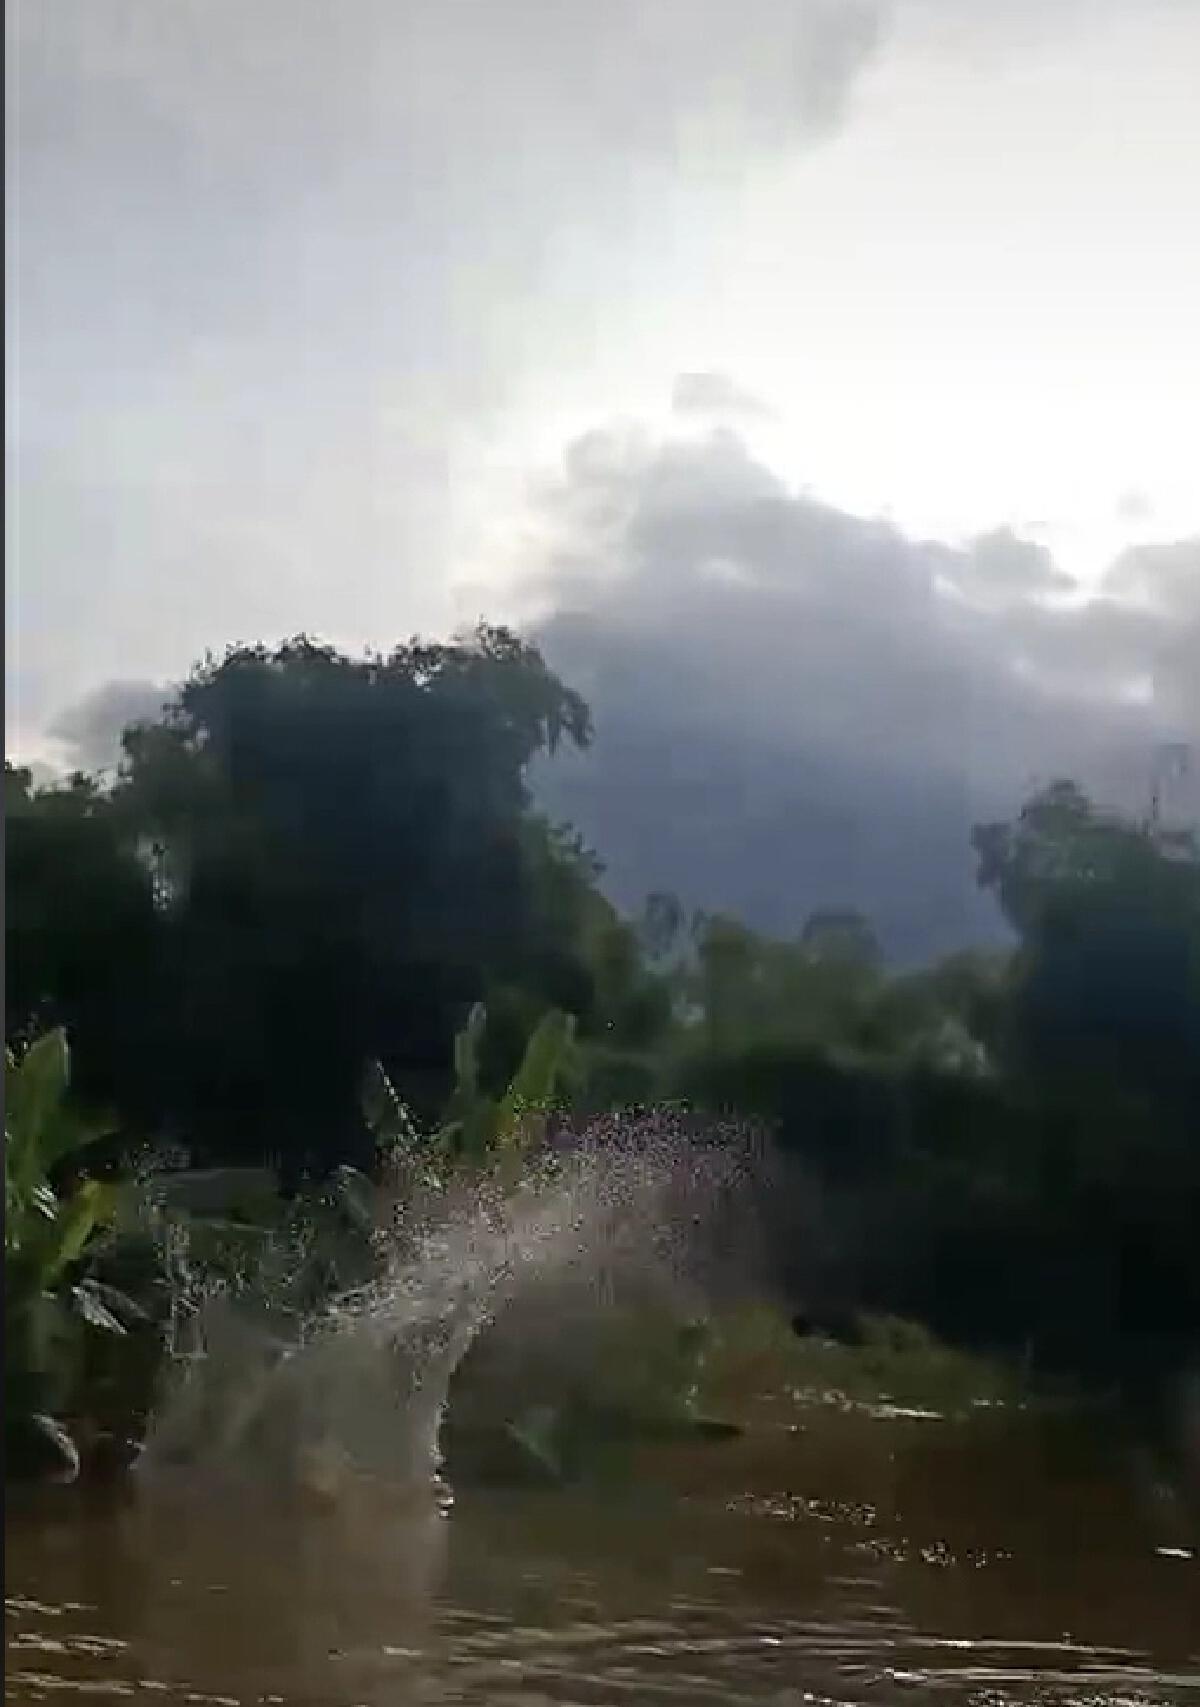 คลิปโซเชียล น้ำใจคนไทย มิติใหม่!โดดร่มช่วยส่งอาหารให้ผู้ประสบภัยน้ำท่วม